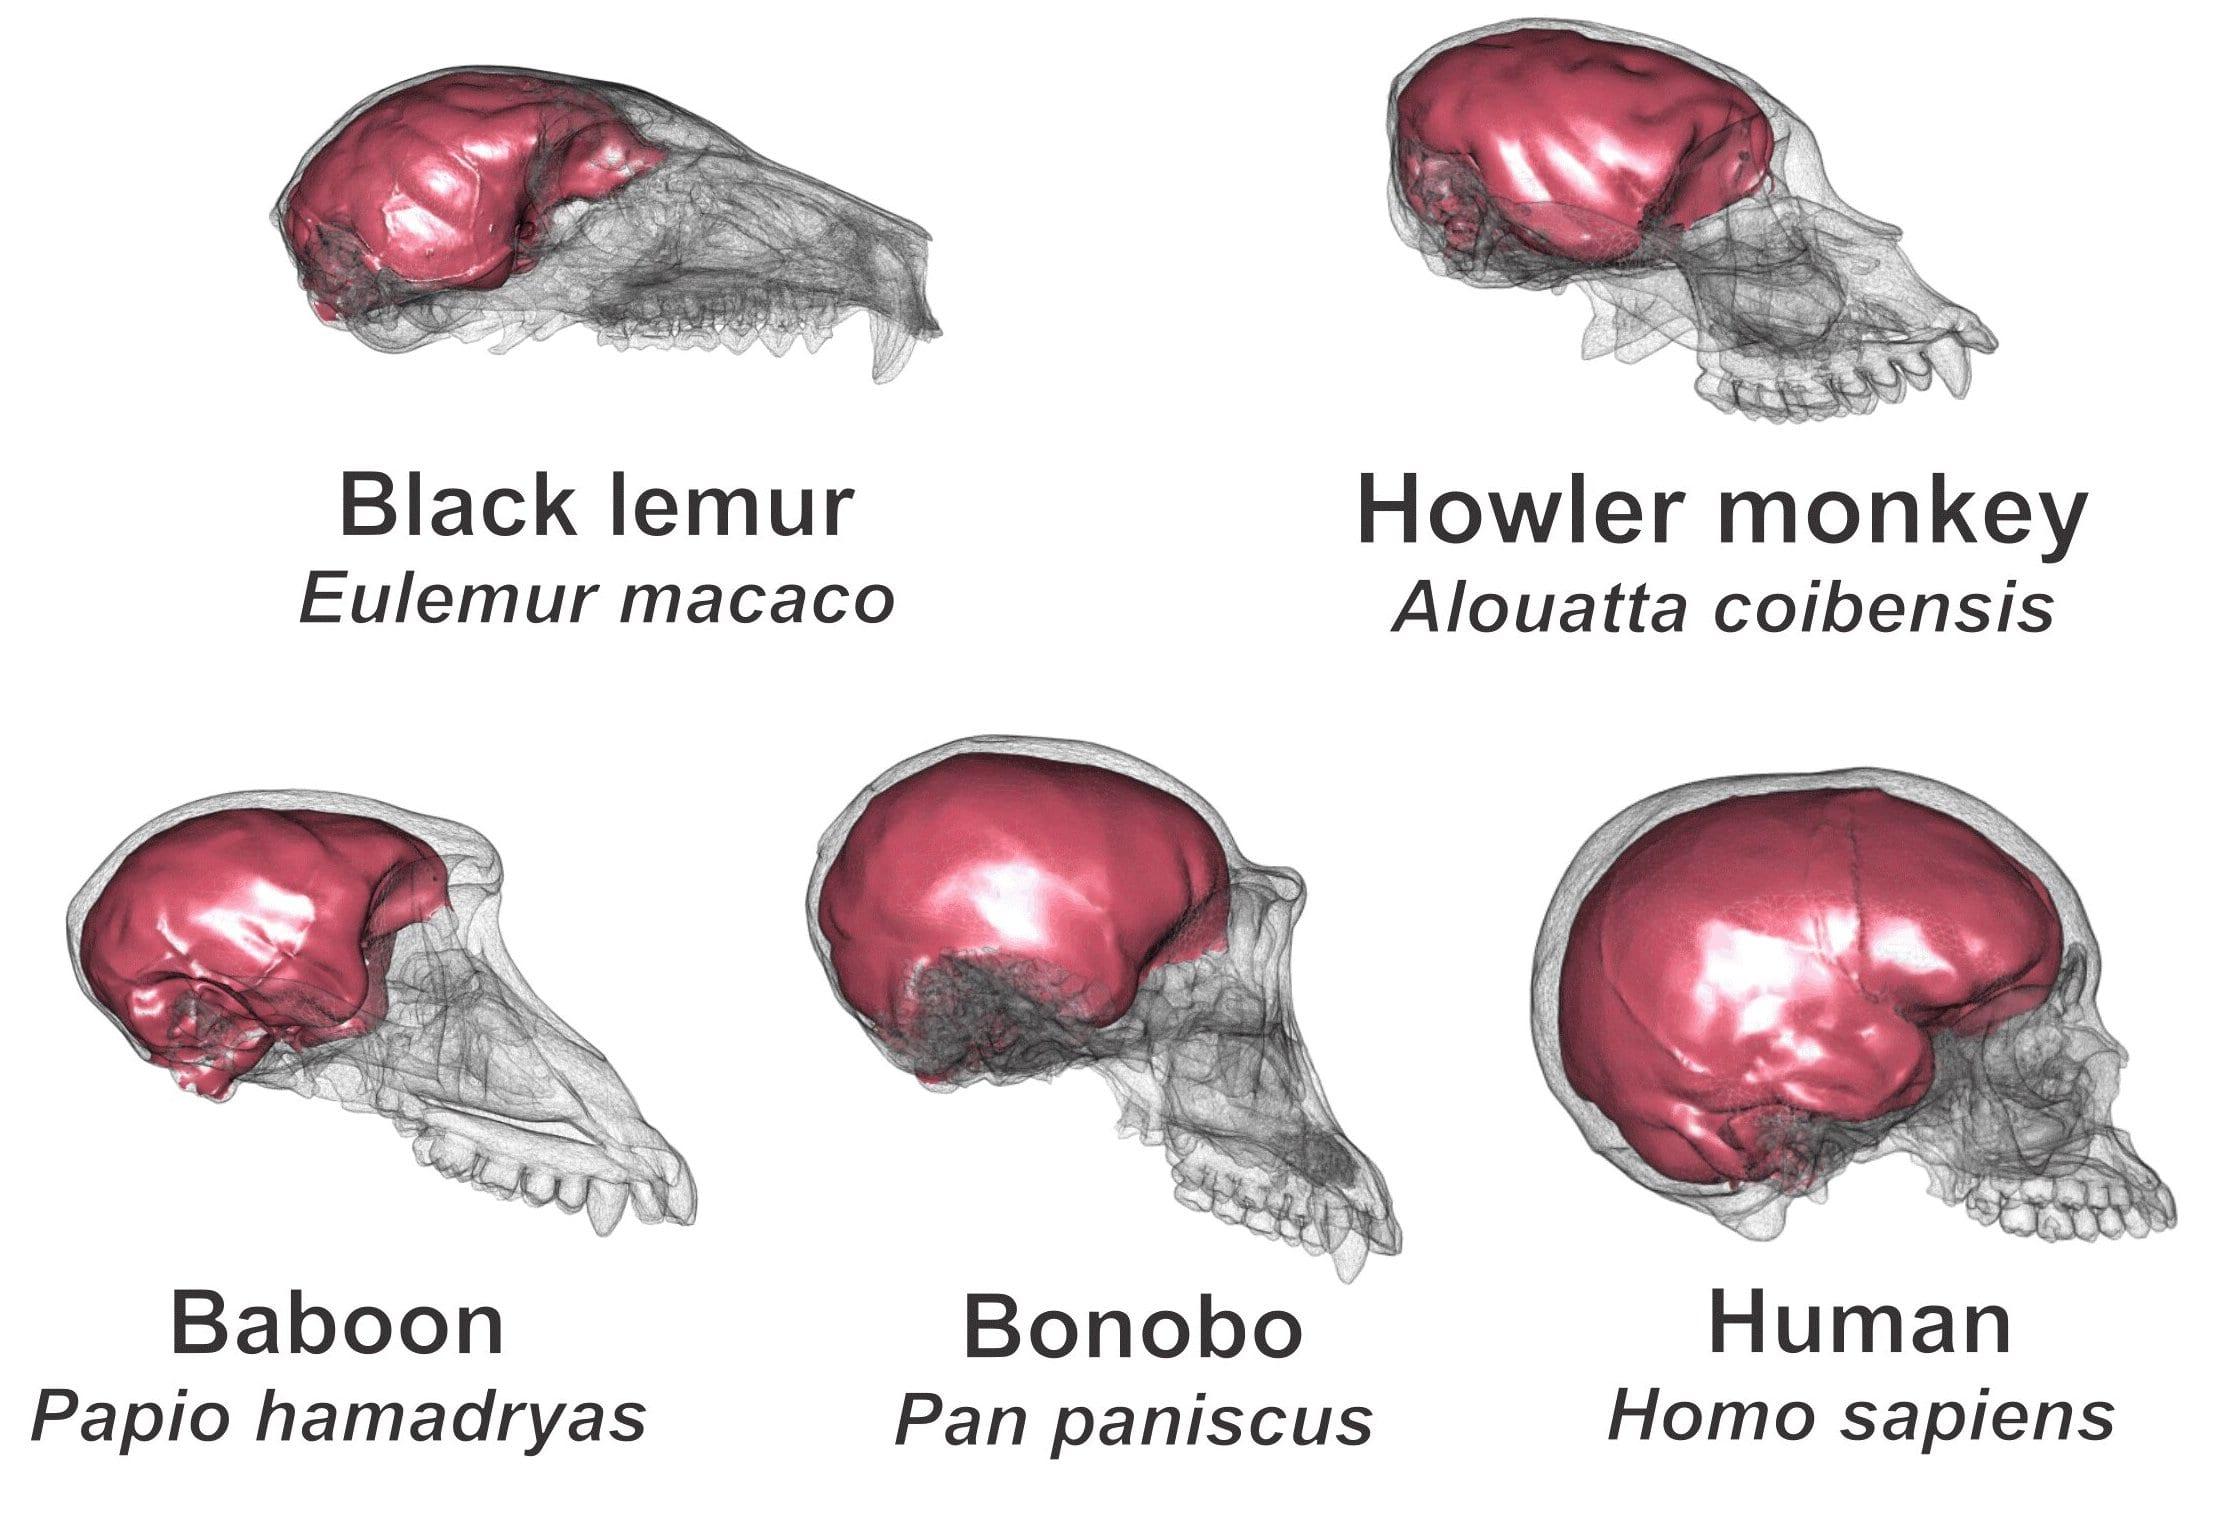 Cervello: massa e forma le caratteristiche principali che hanno contribuito all'evoluzione dell'uomo